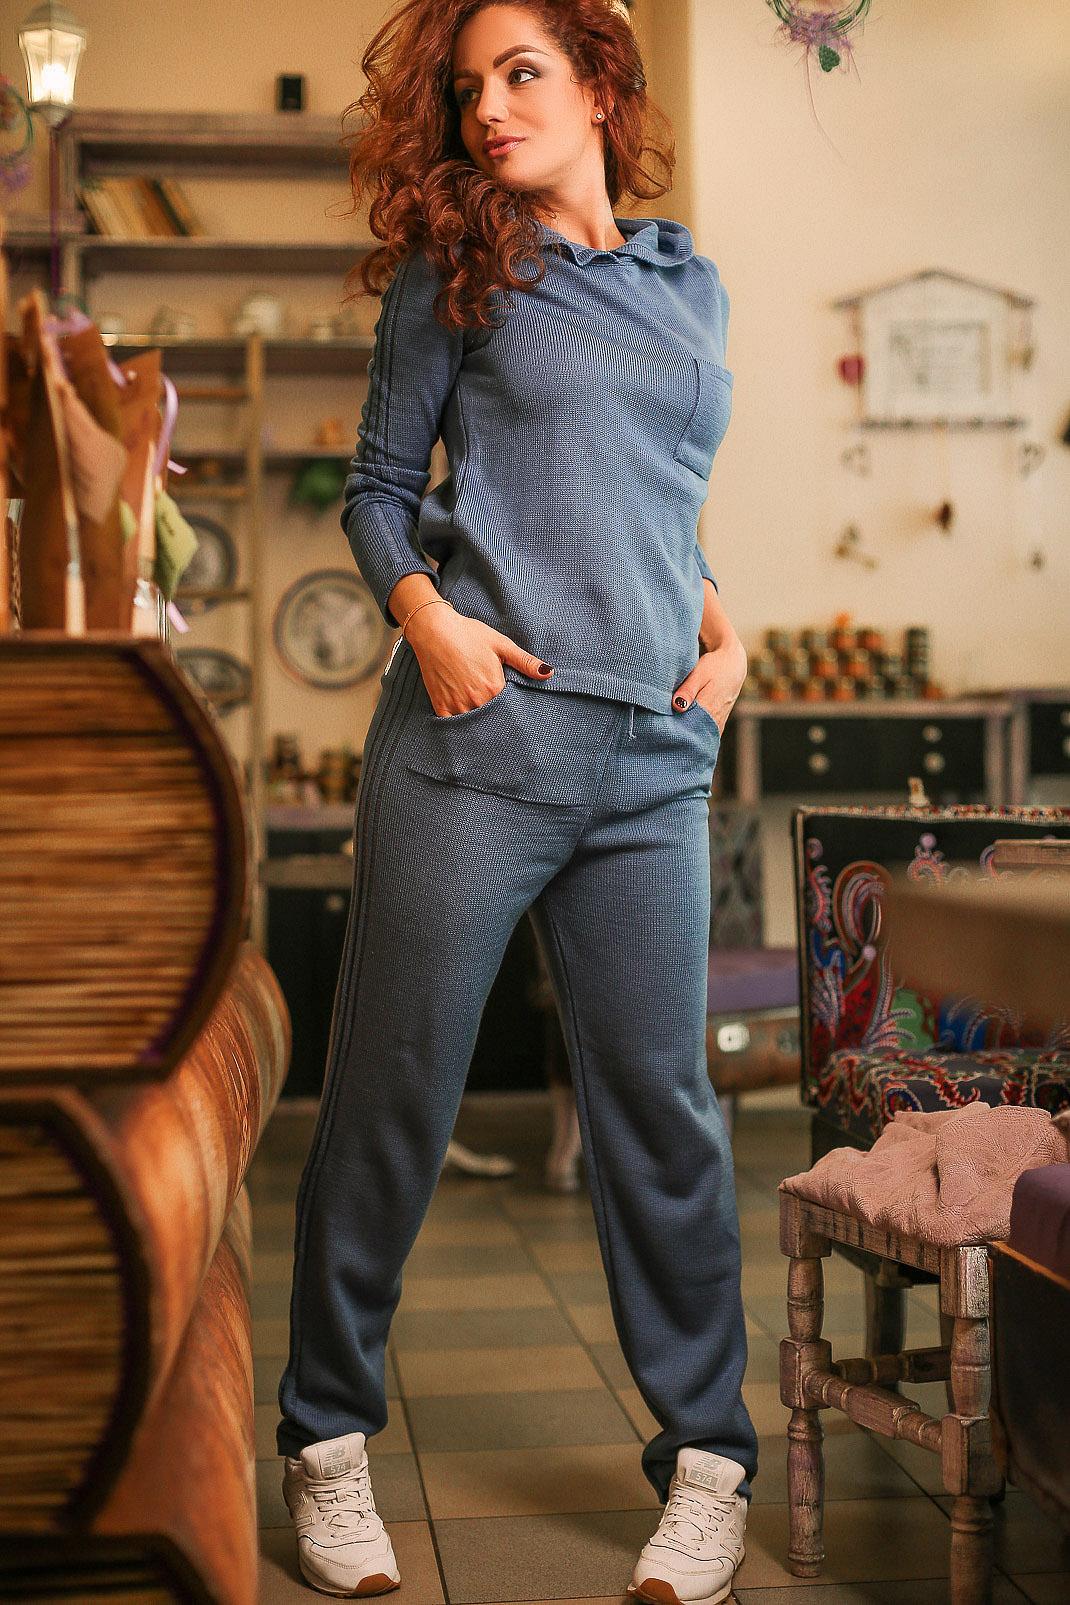 дисконт брендовой одежды интернет магазин москва